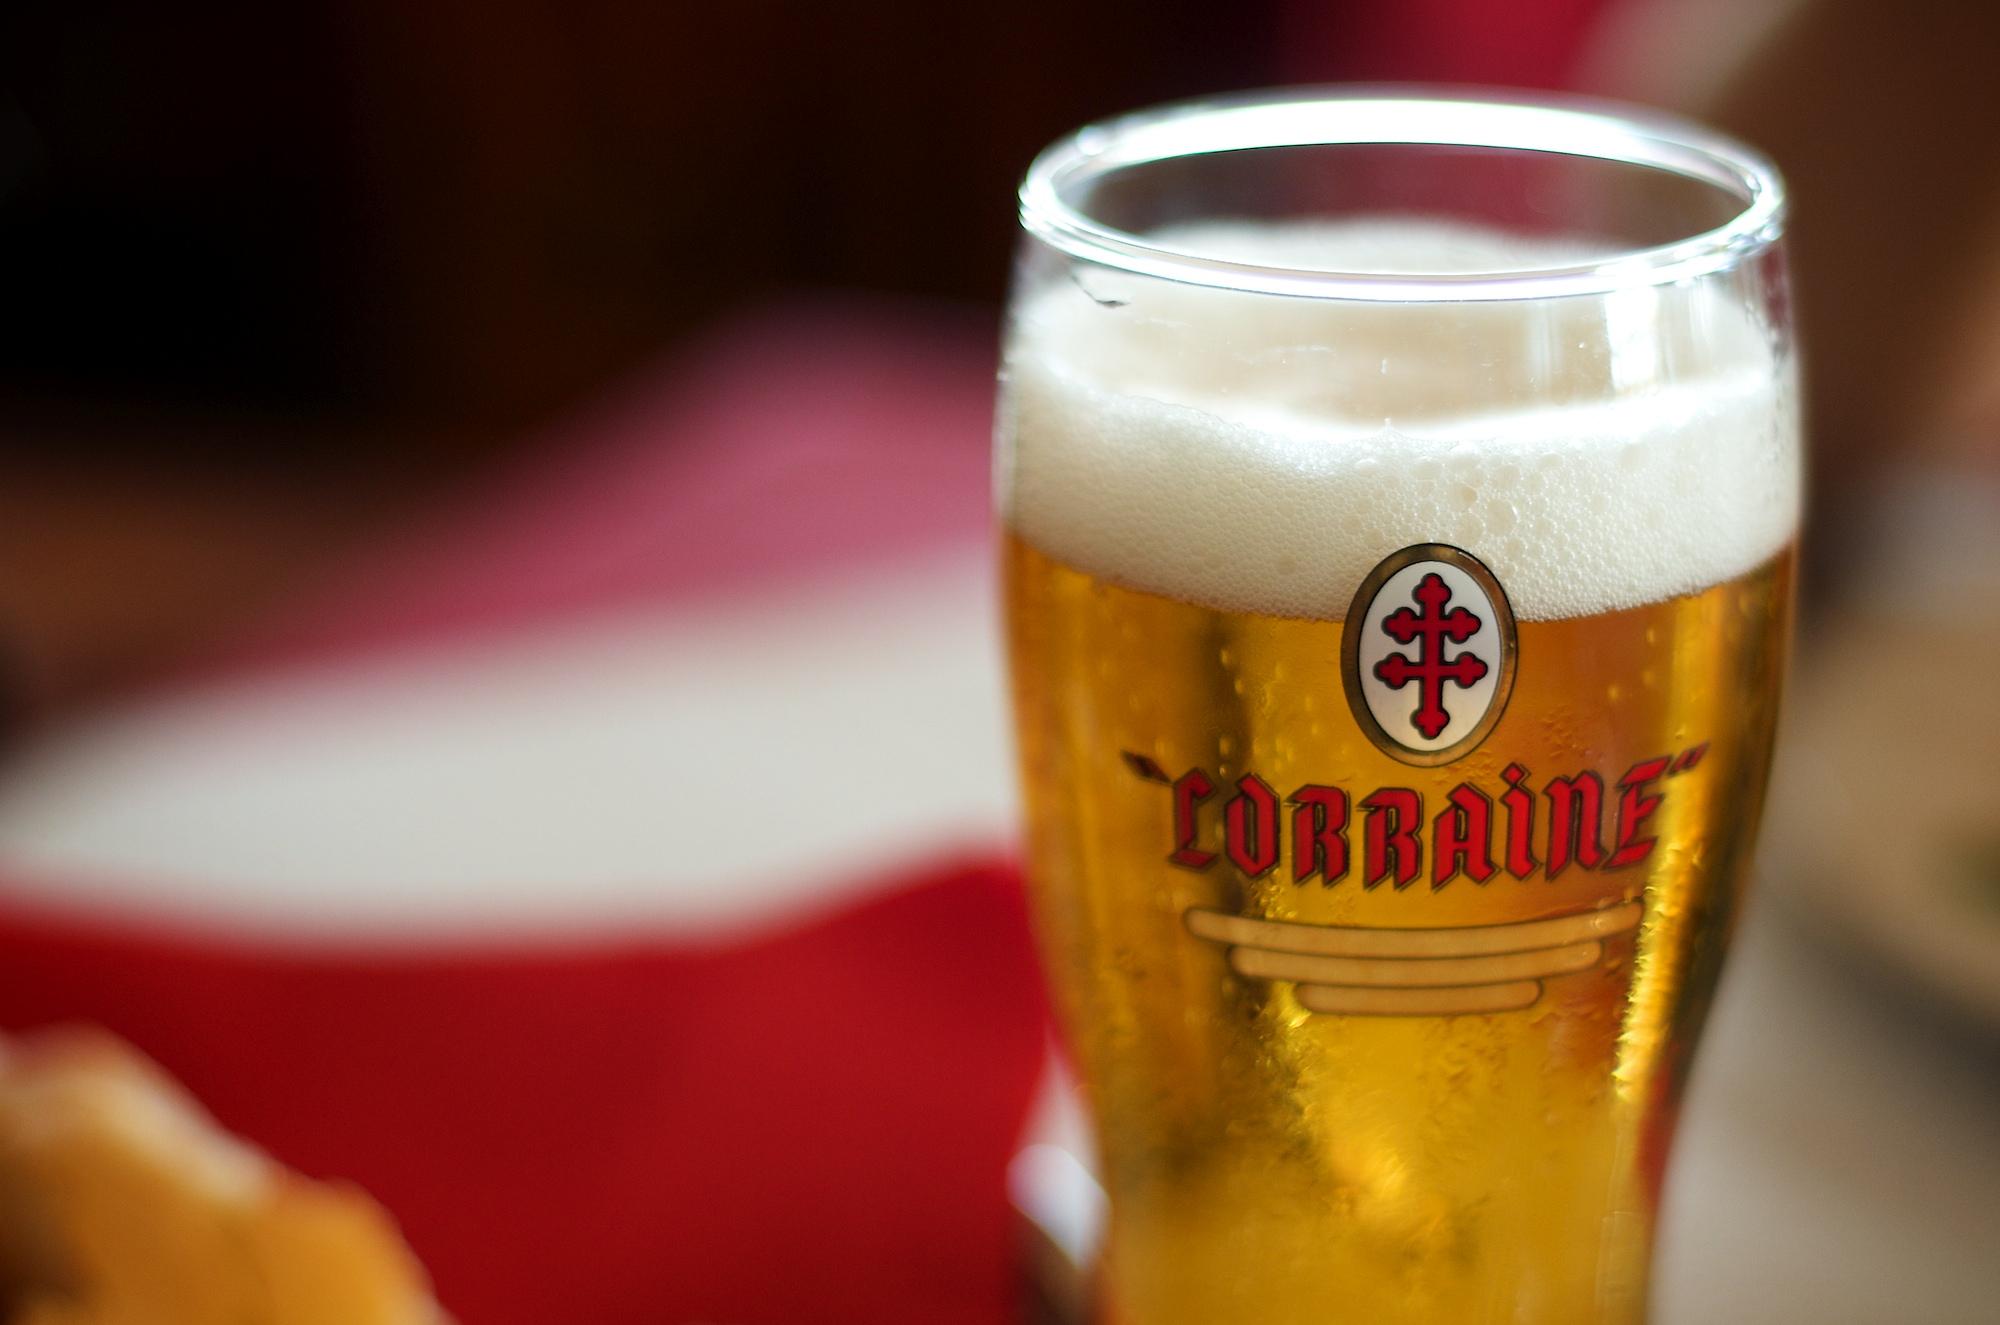 Friday Happy Hour: Biere Lorraine